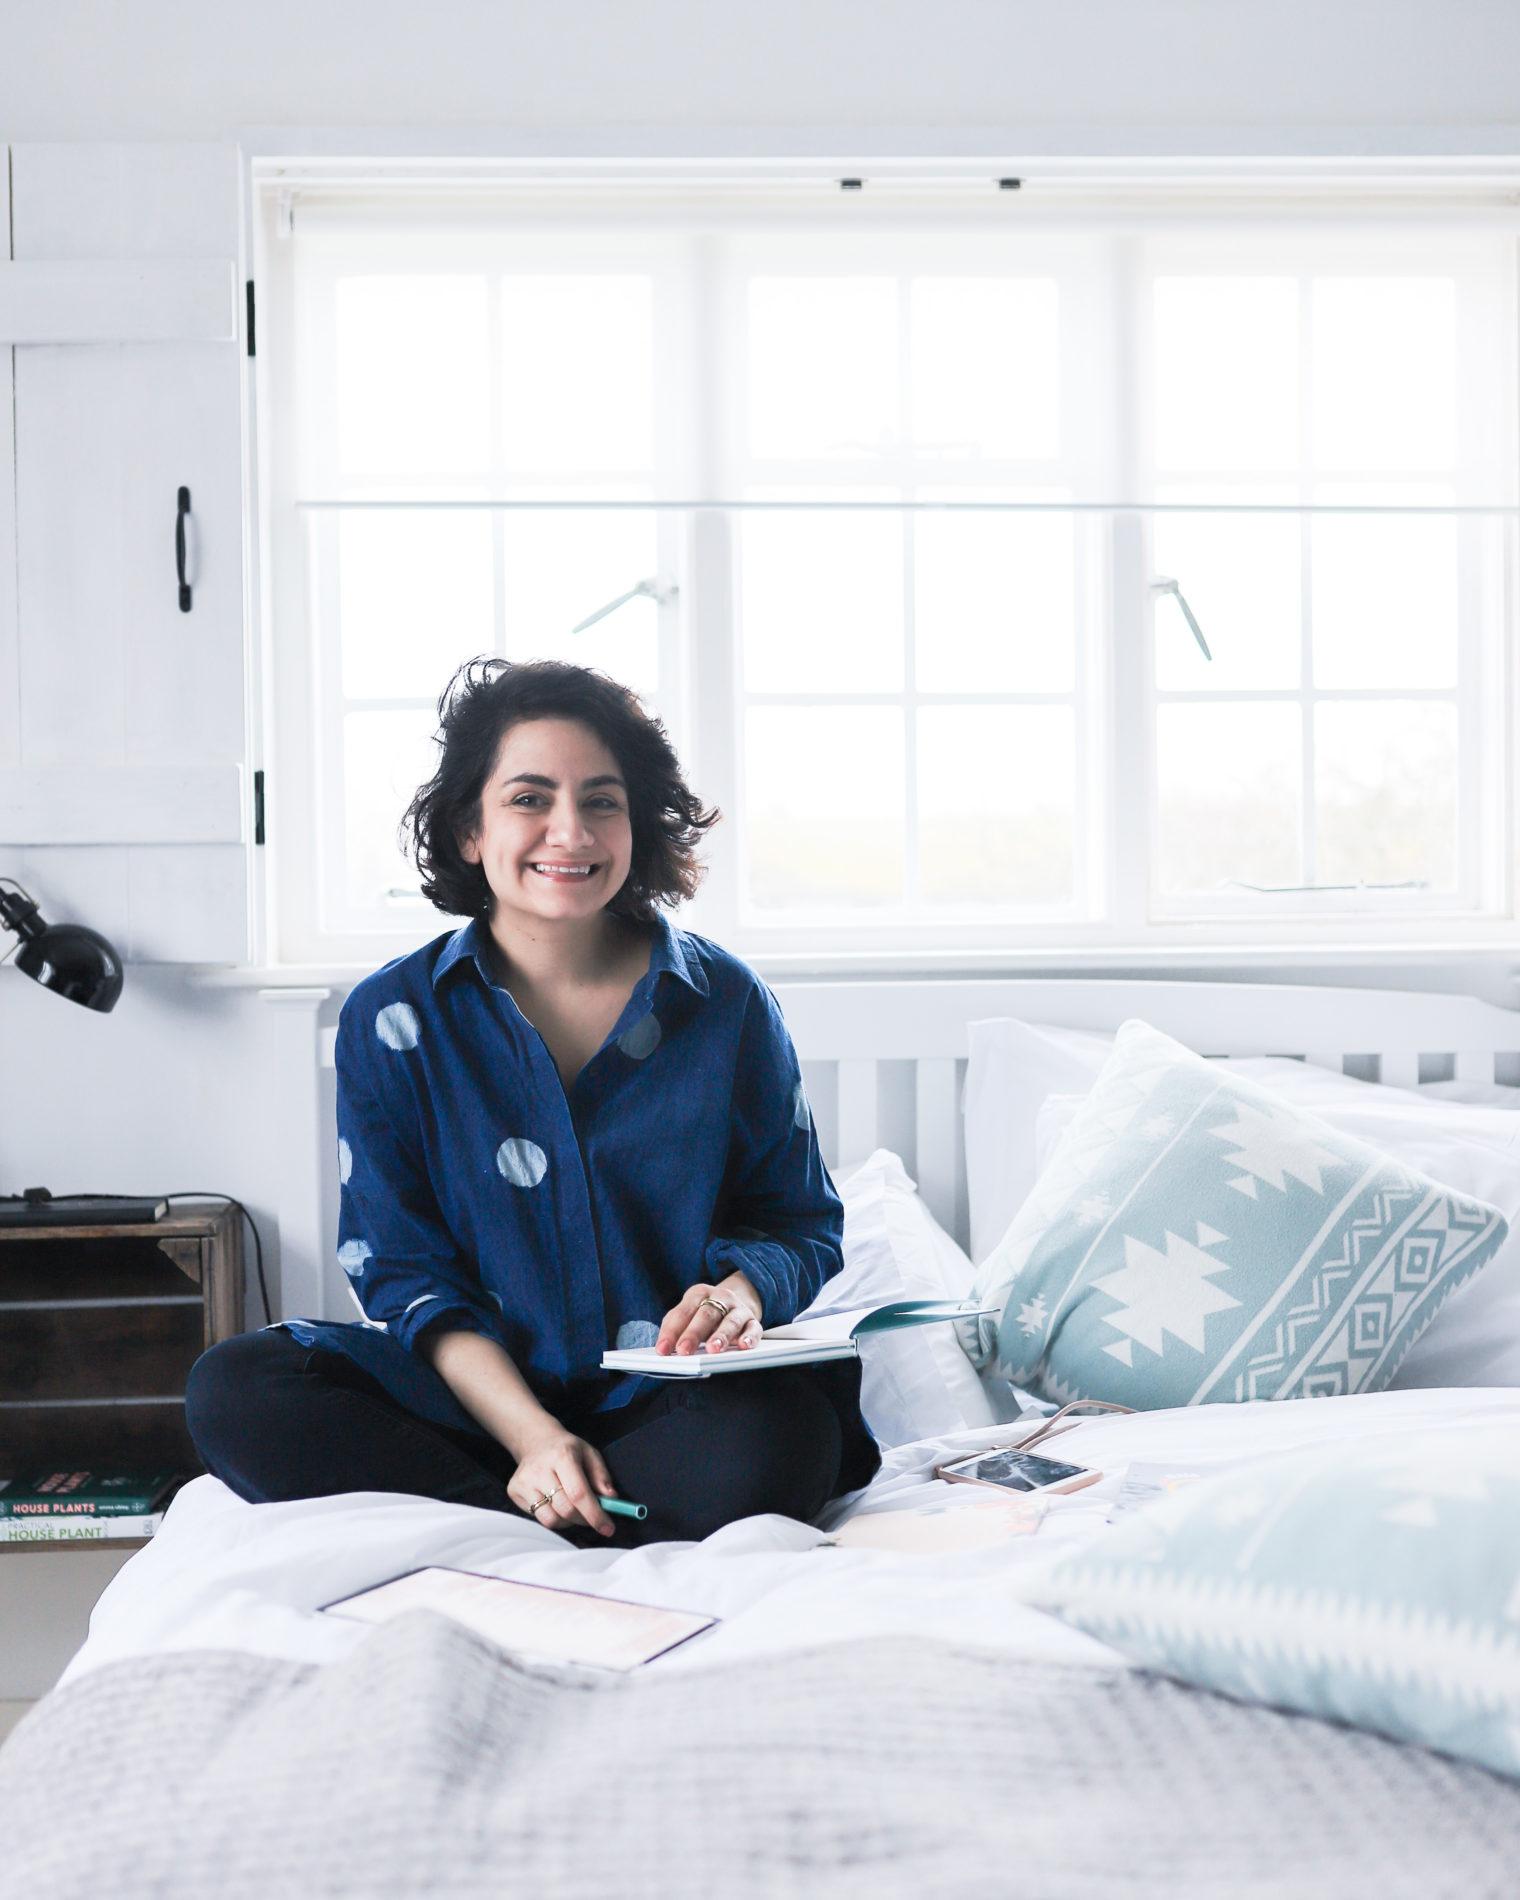 Kostenloser Guide: Leitsatz wählen für Ziele und Wünsche 2020 - Tweed & Greet